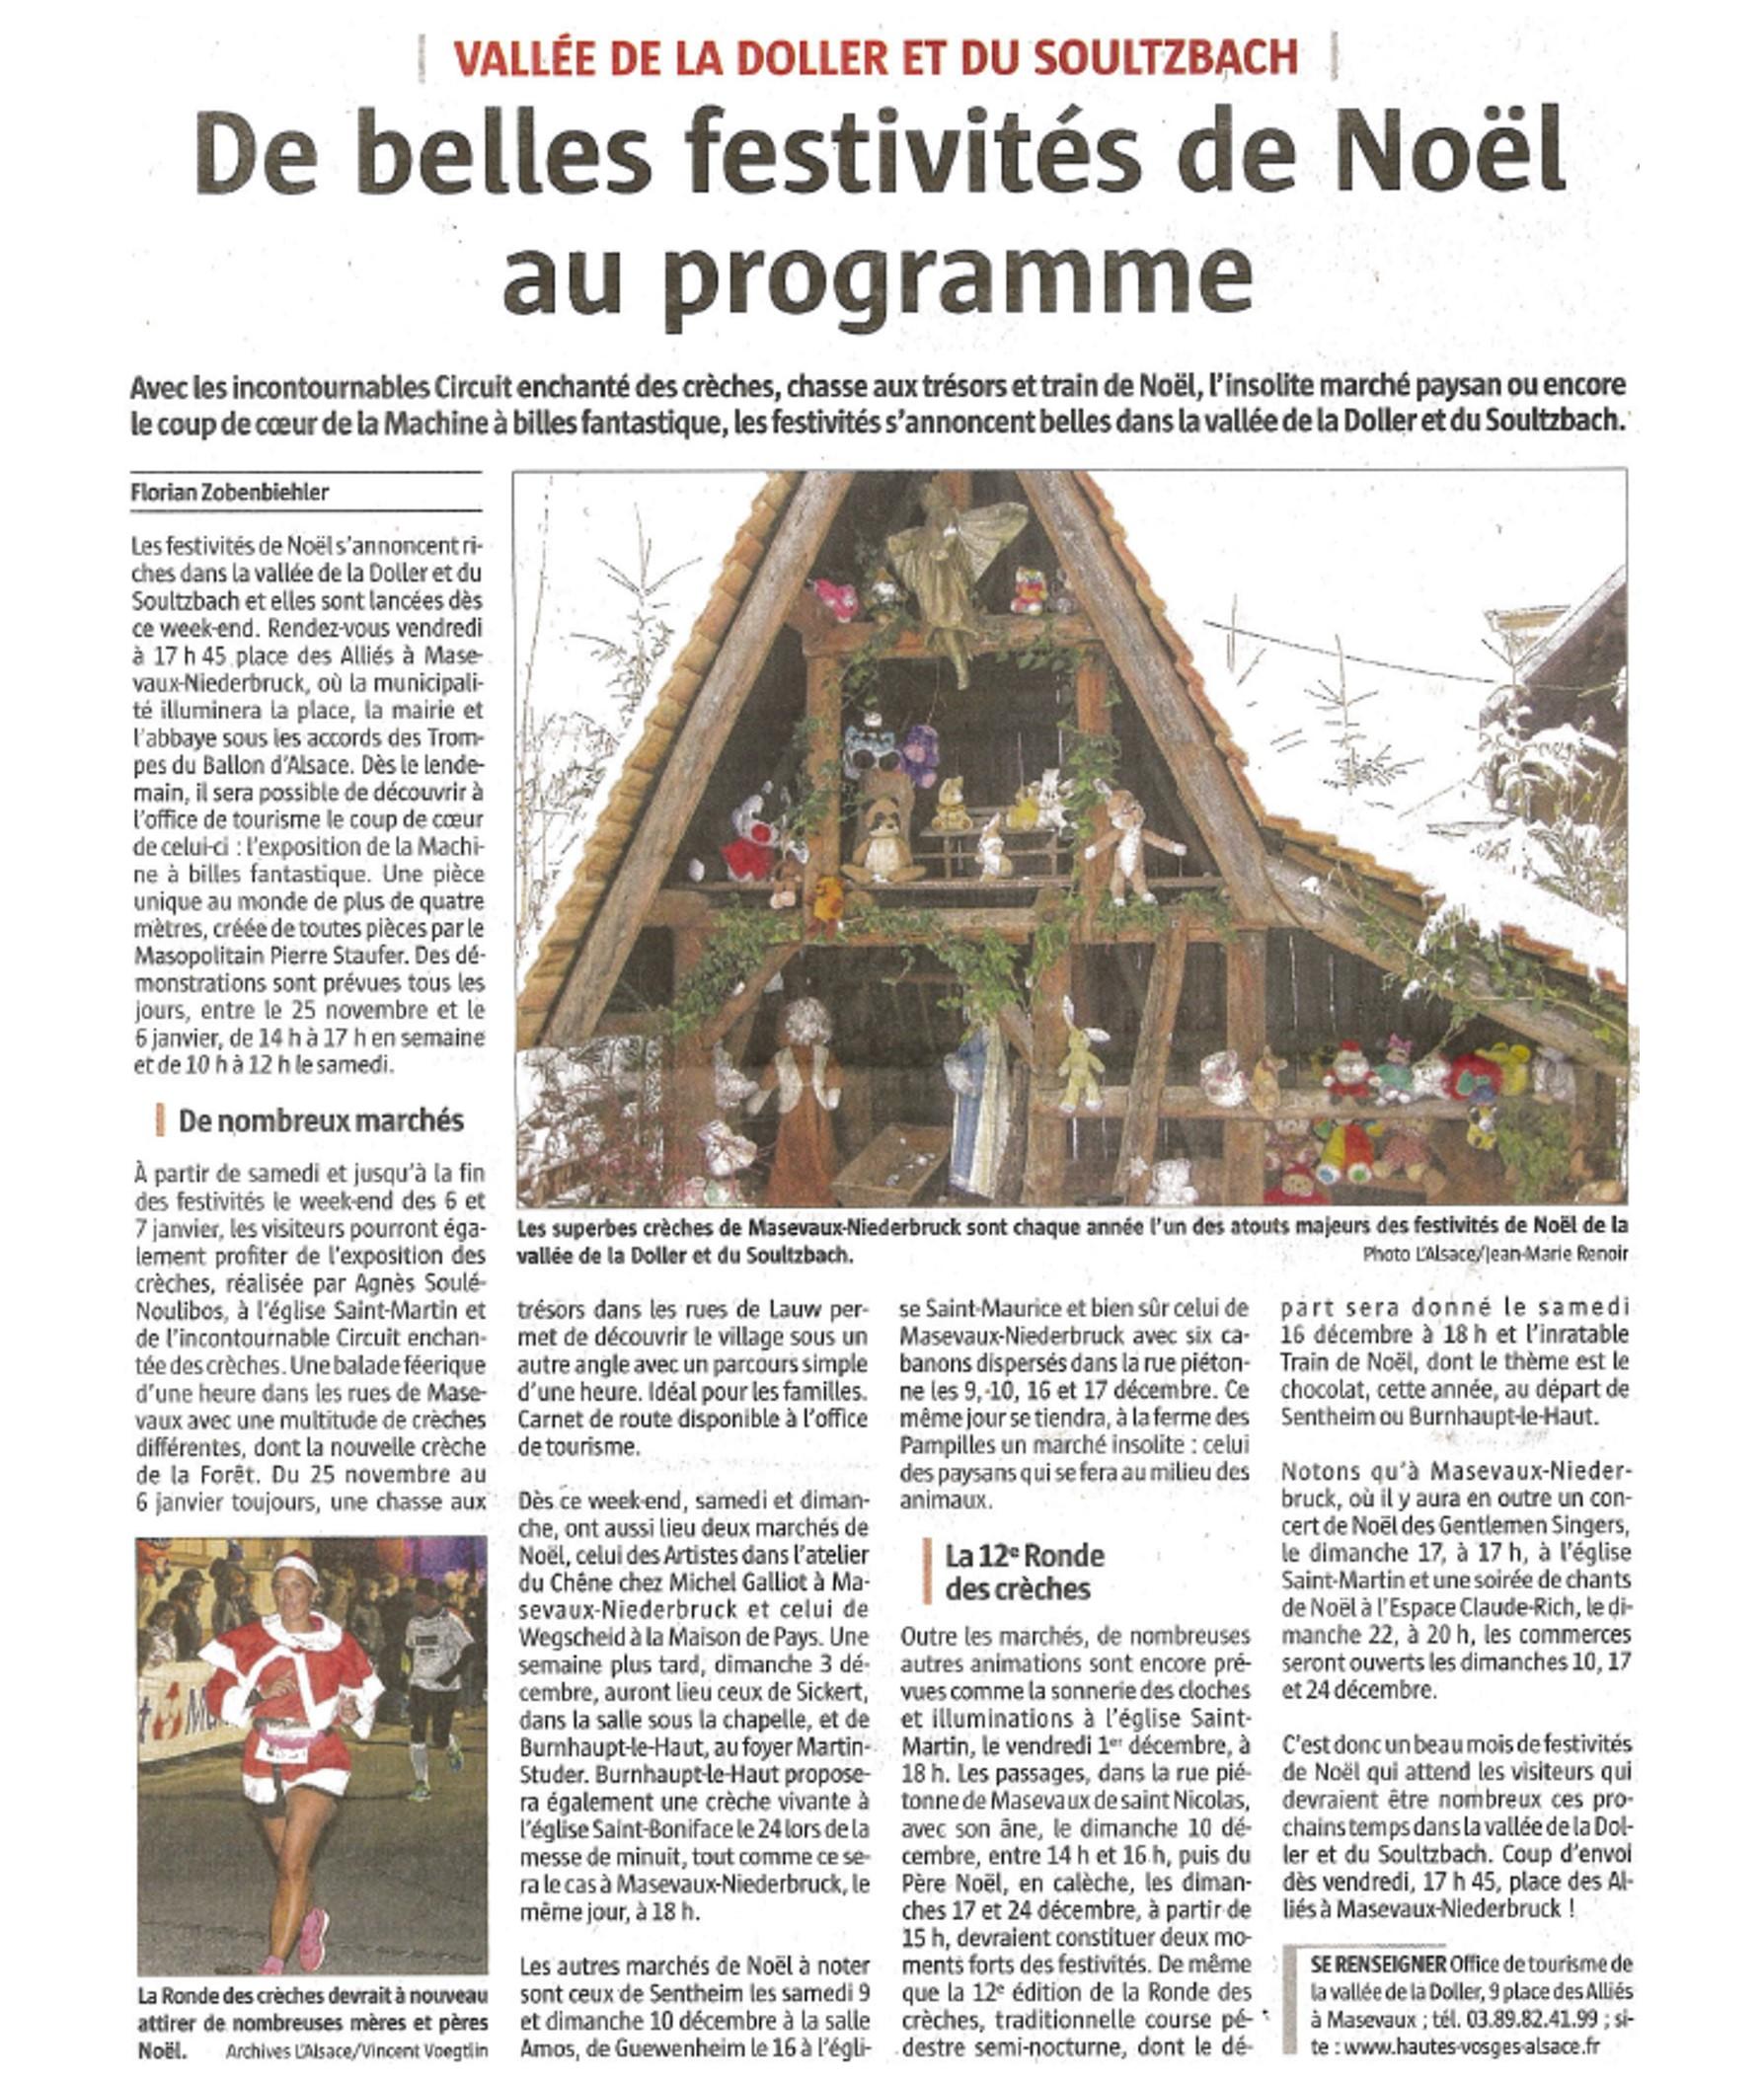 De belles festivités de Noël au pragramme - L'Alsace - 22-11-2017